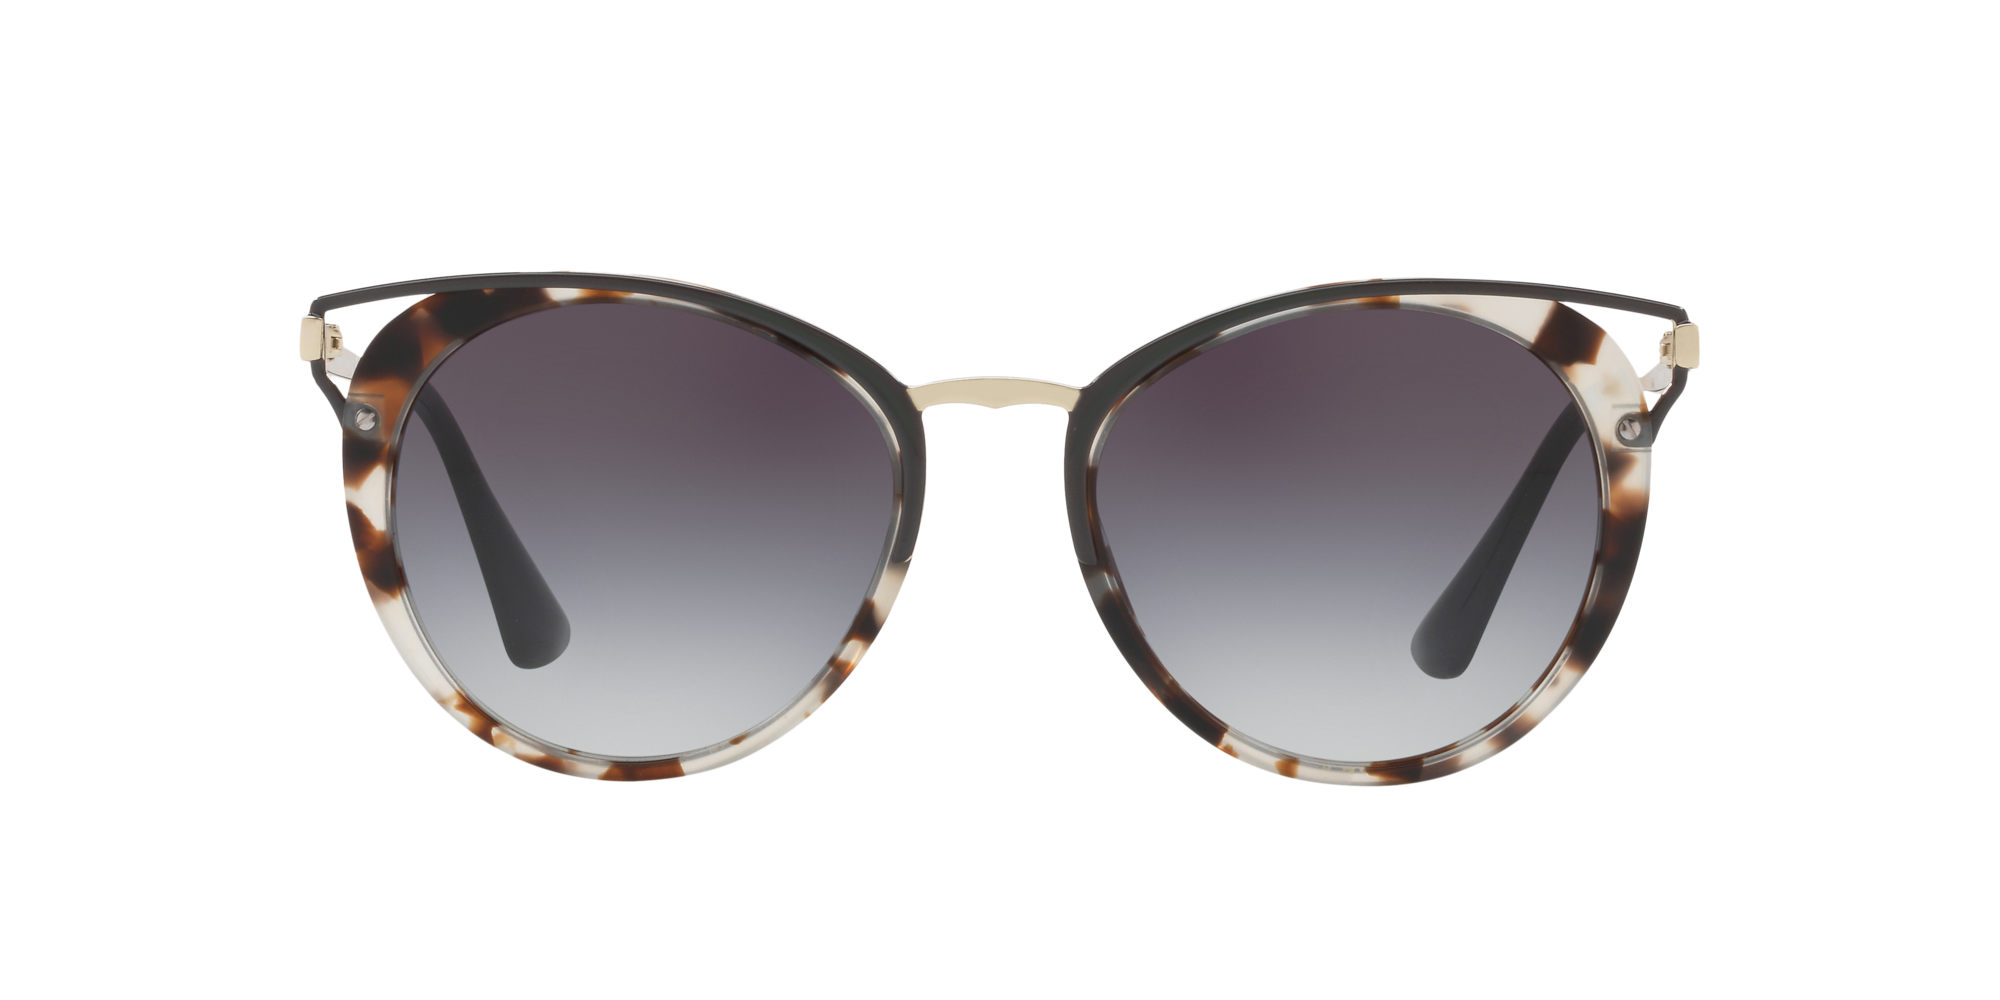 Imagen para PR 66TS 54 CATWALK de LensCrafters |  Espejuelos, espejuelos graduados en línea, gafas